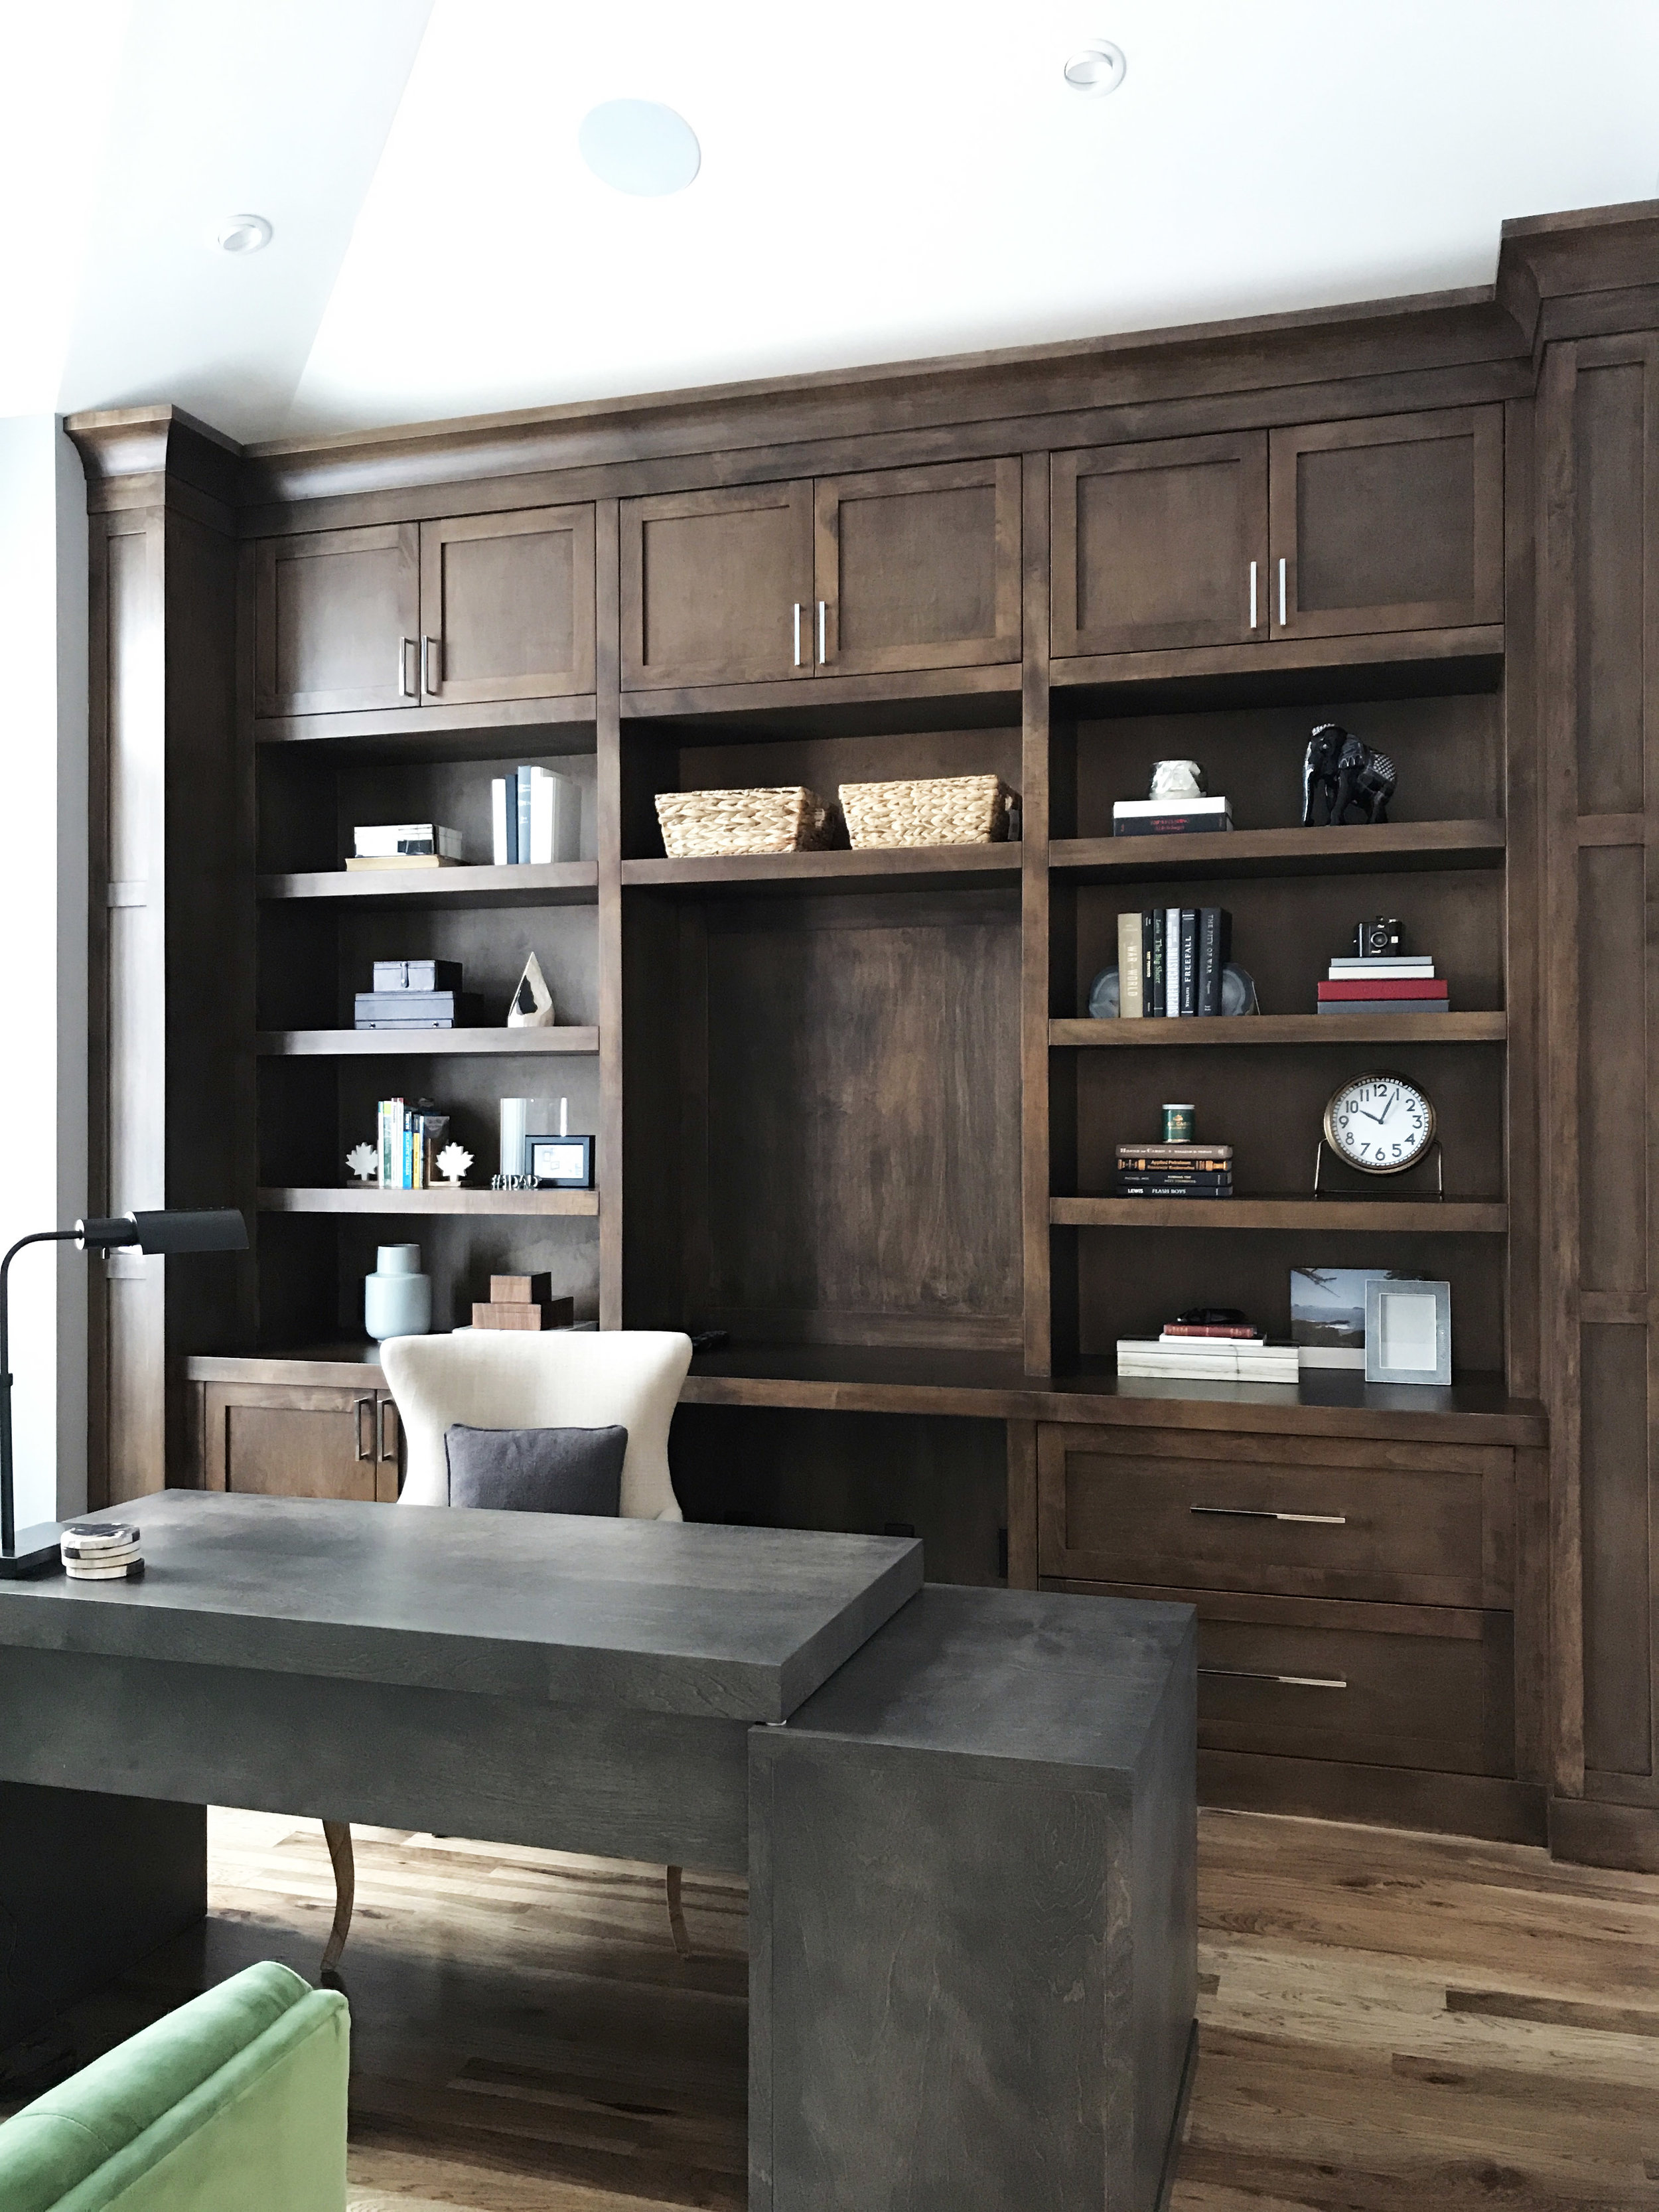 Nyla Free Designs, Varsity estates, Top office design details.